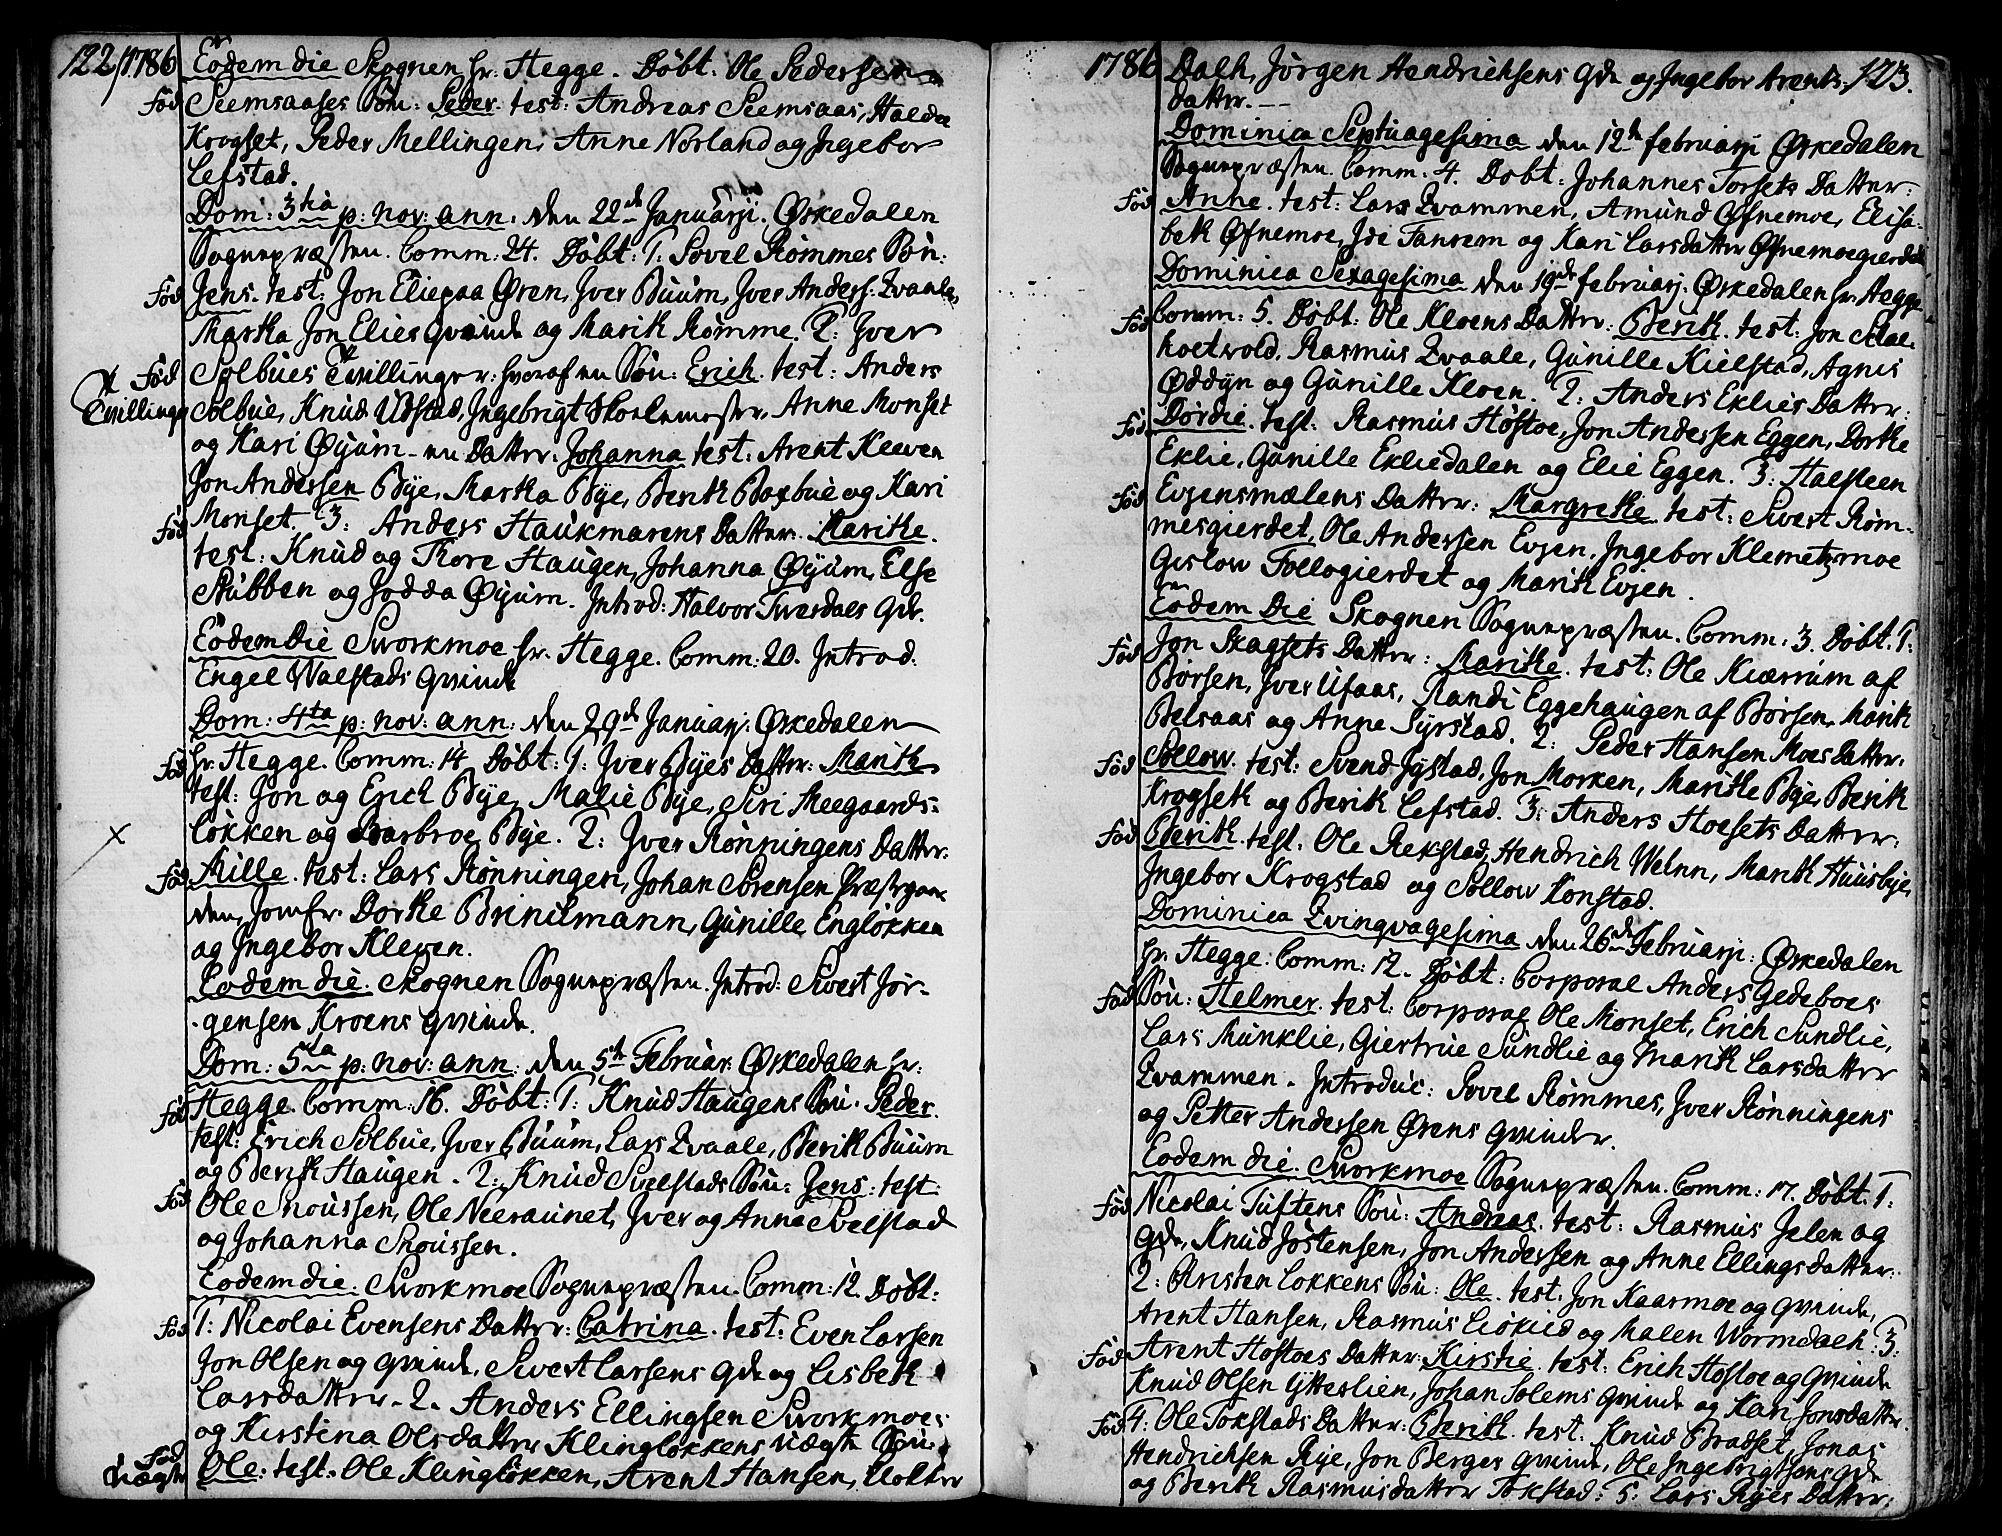 SAT, Ministerialprotokoller, klokkerbøker og fødselsregistre - Sør-Trøndelag, 668/L0802: Ministerialbok nr. 668A02, 1776-1799, s. 122-123